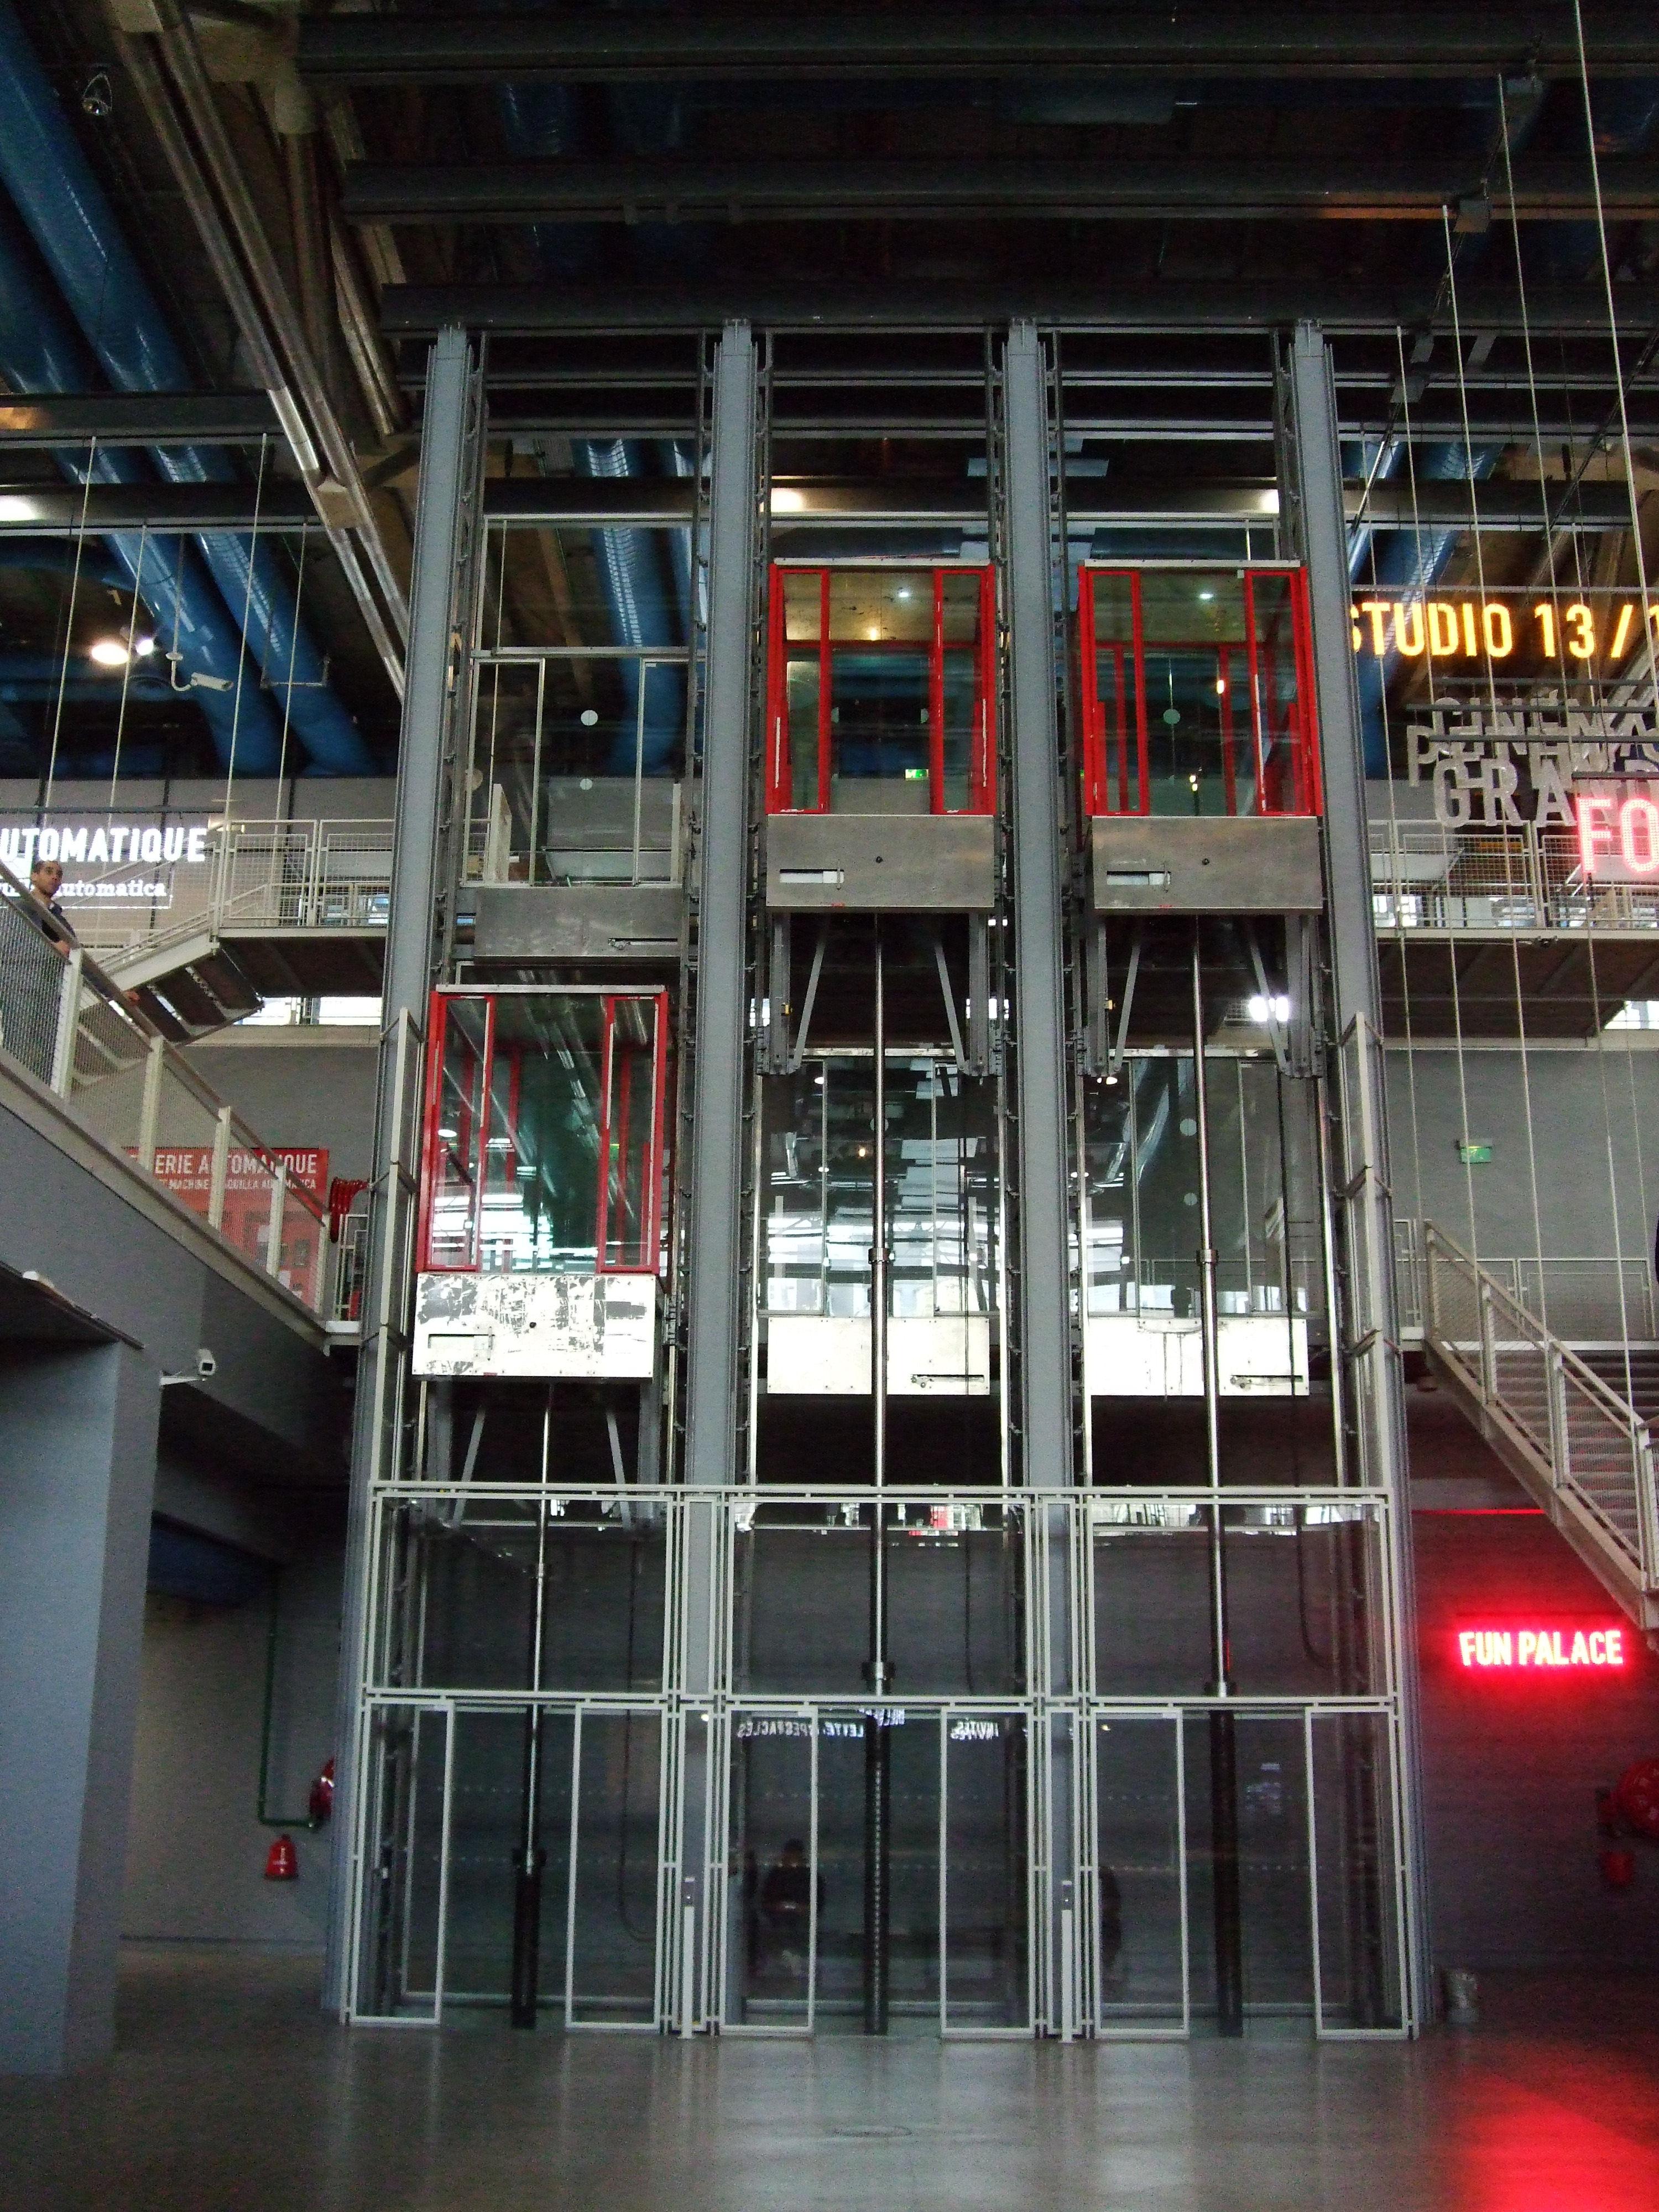 ascensores modernos